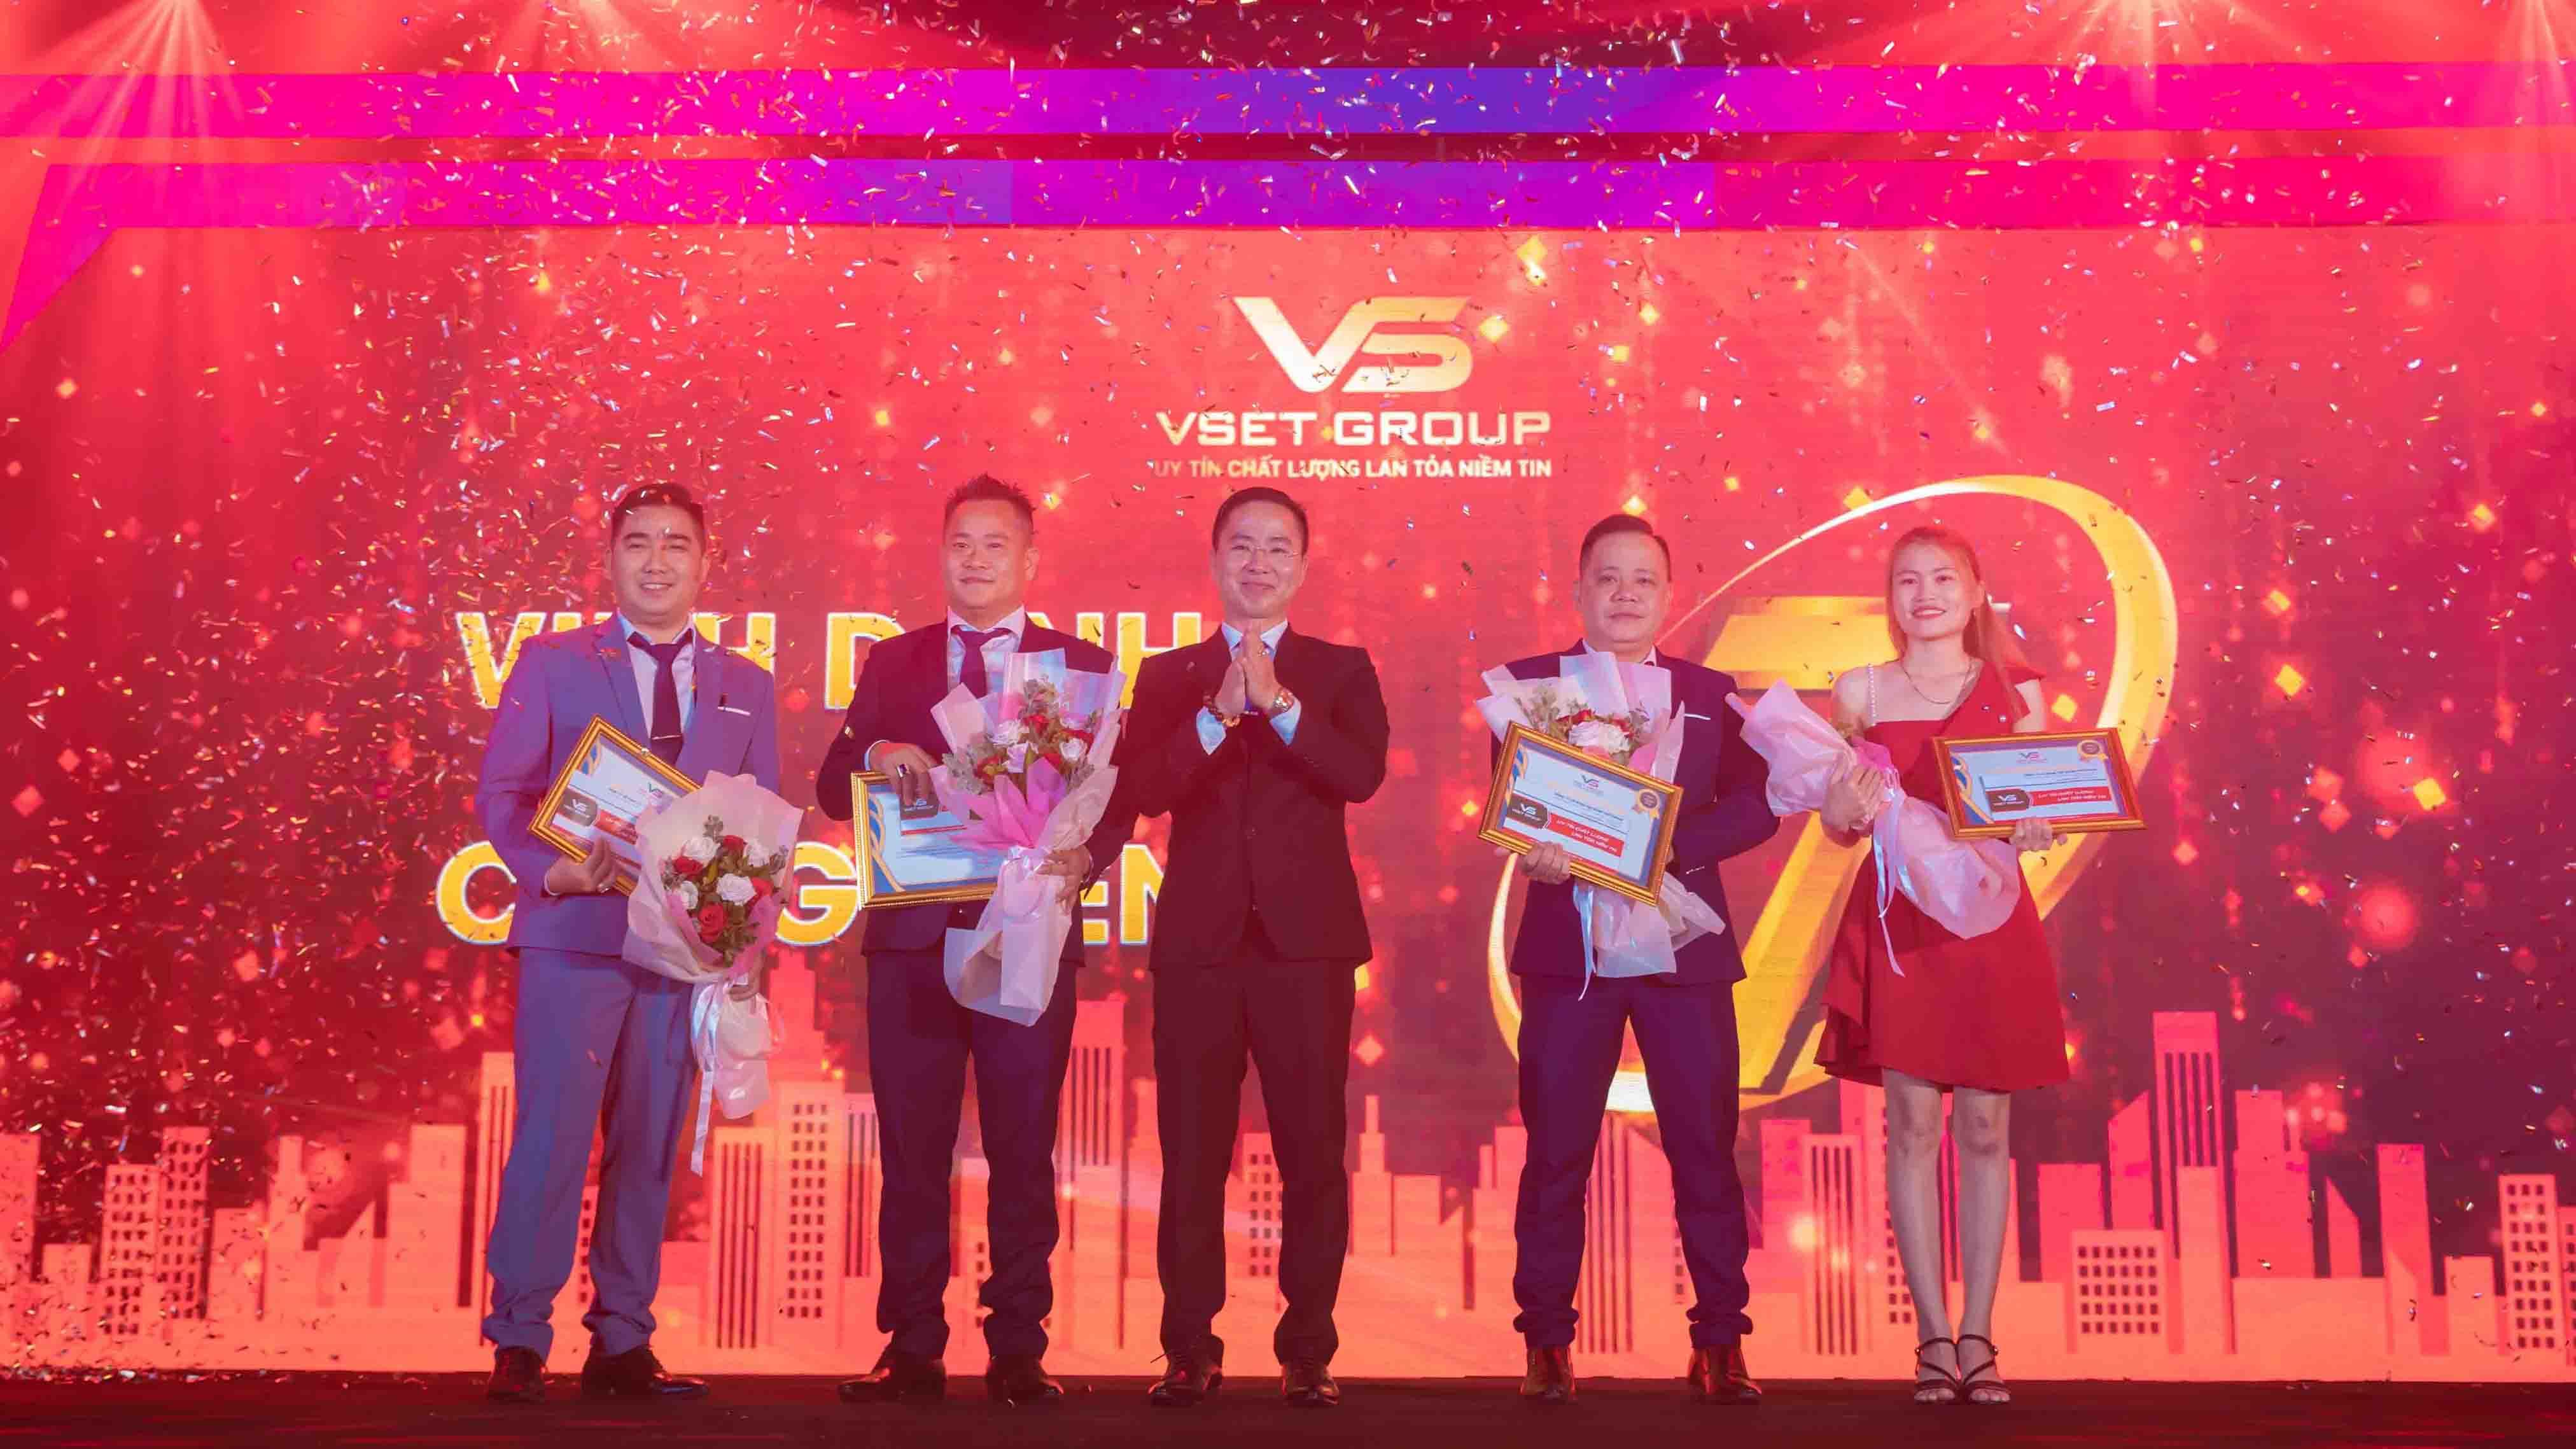 VsetGroup đặt kế hoạch tổng doanh thu năm 2025 đạt 5.000 tỷ đồng 7